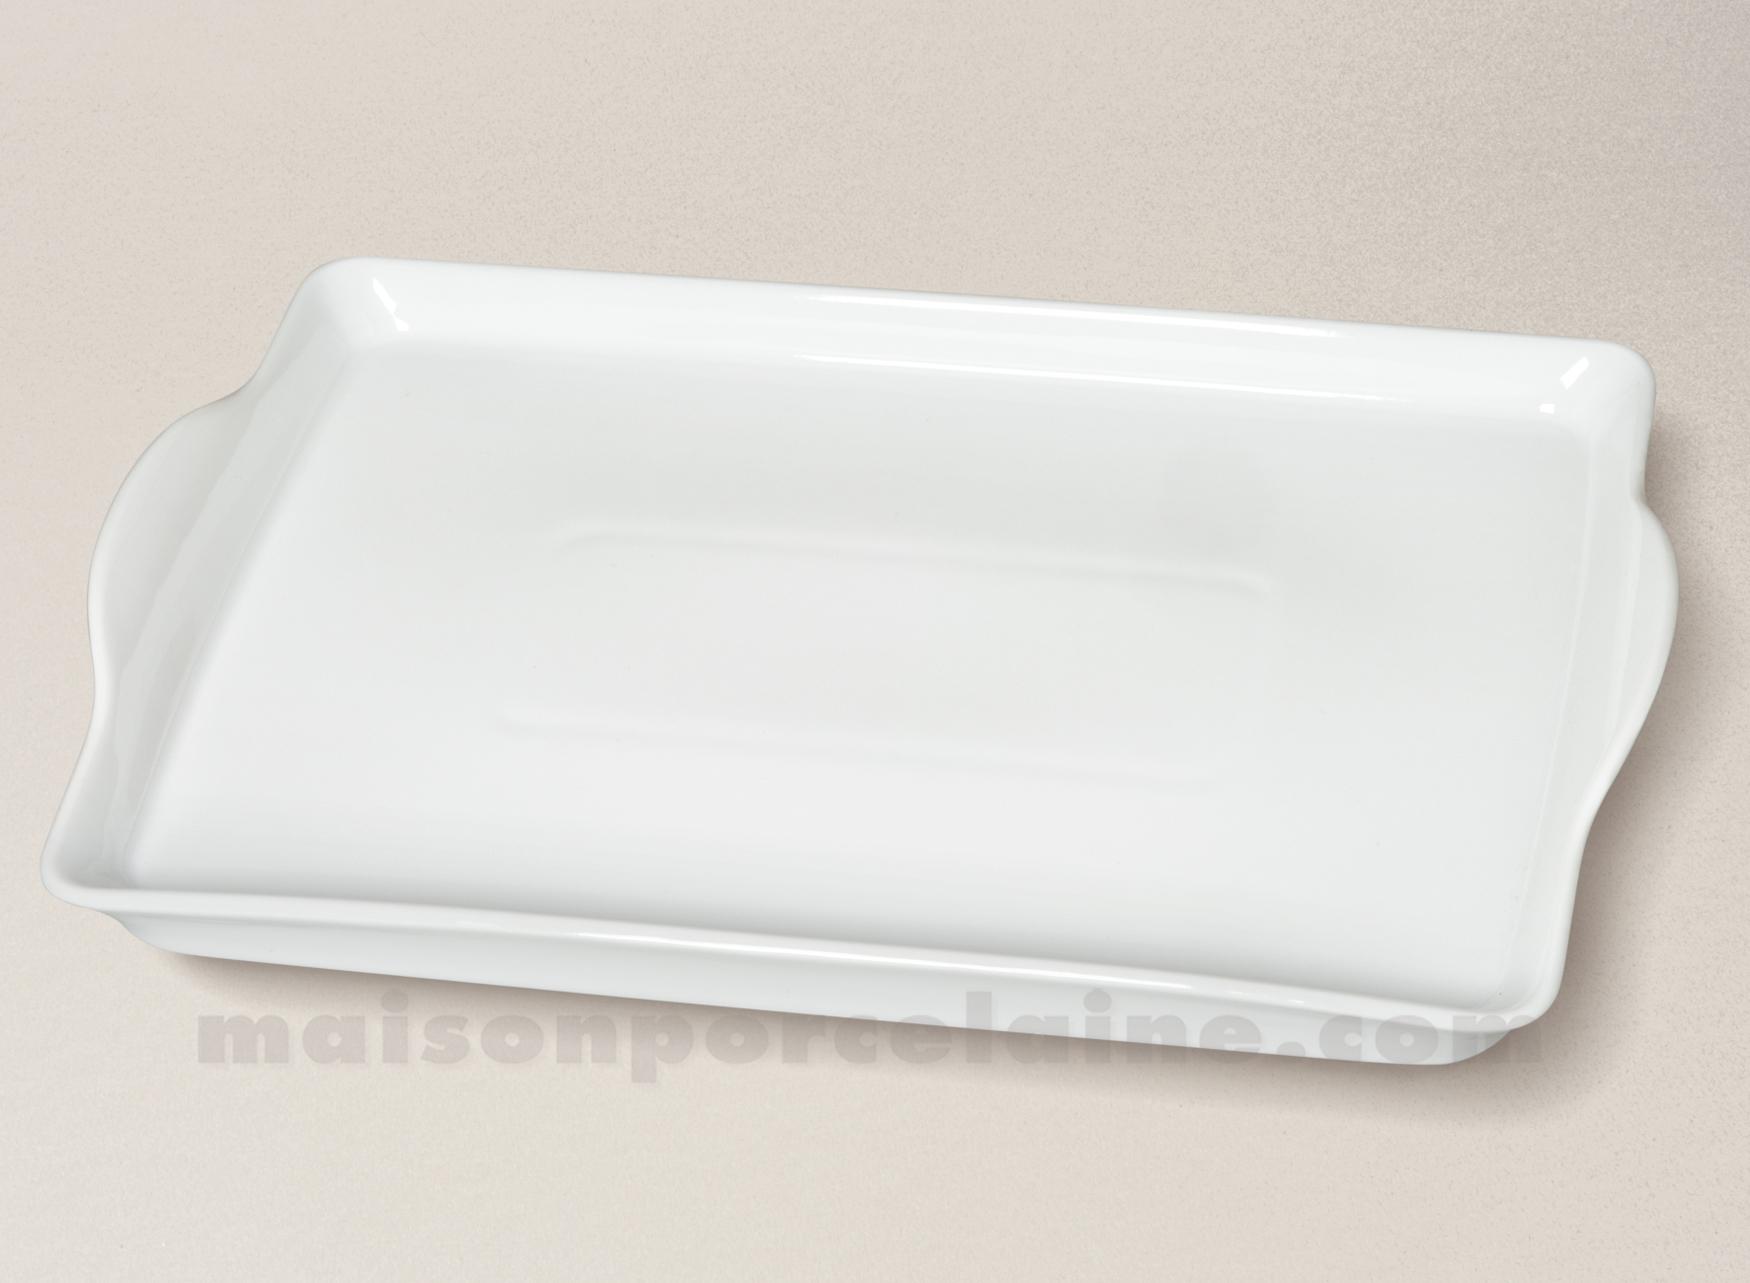 Plateau porcelaine blanche rectangulaire anses for Service de table rectangulaire